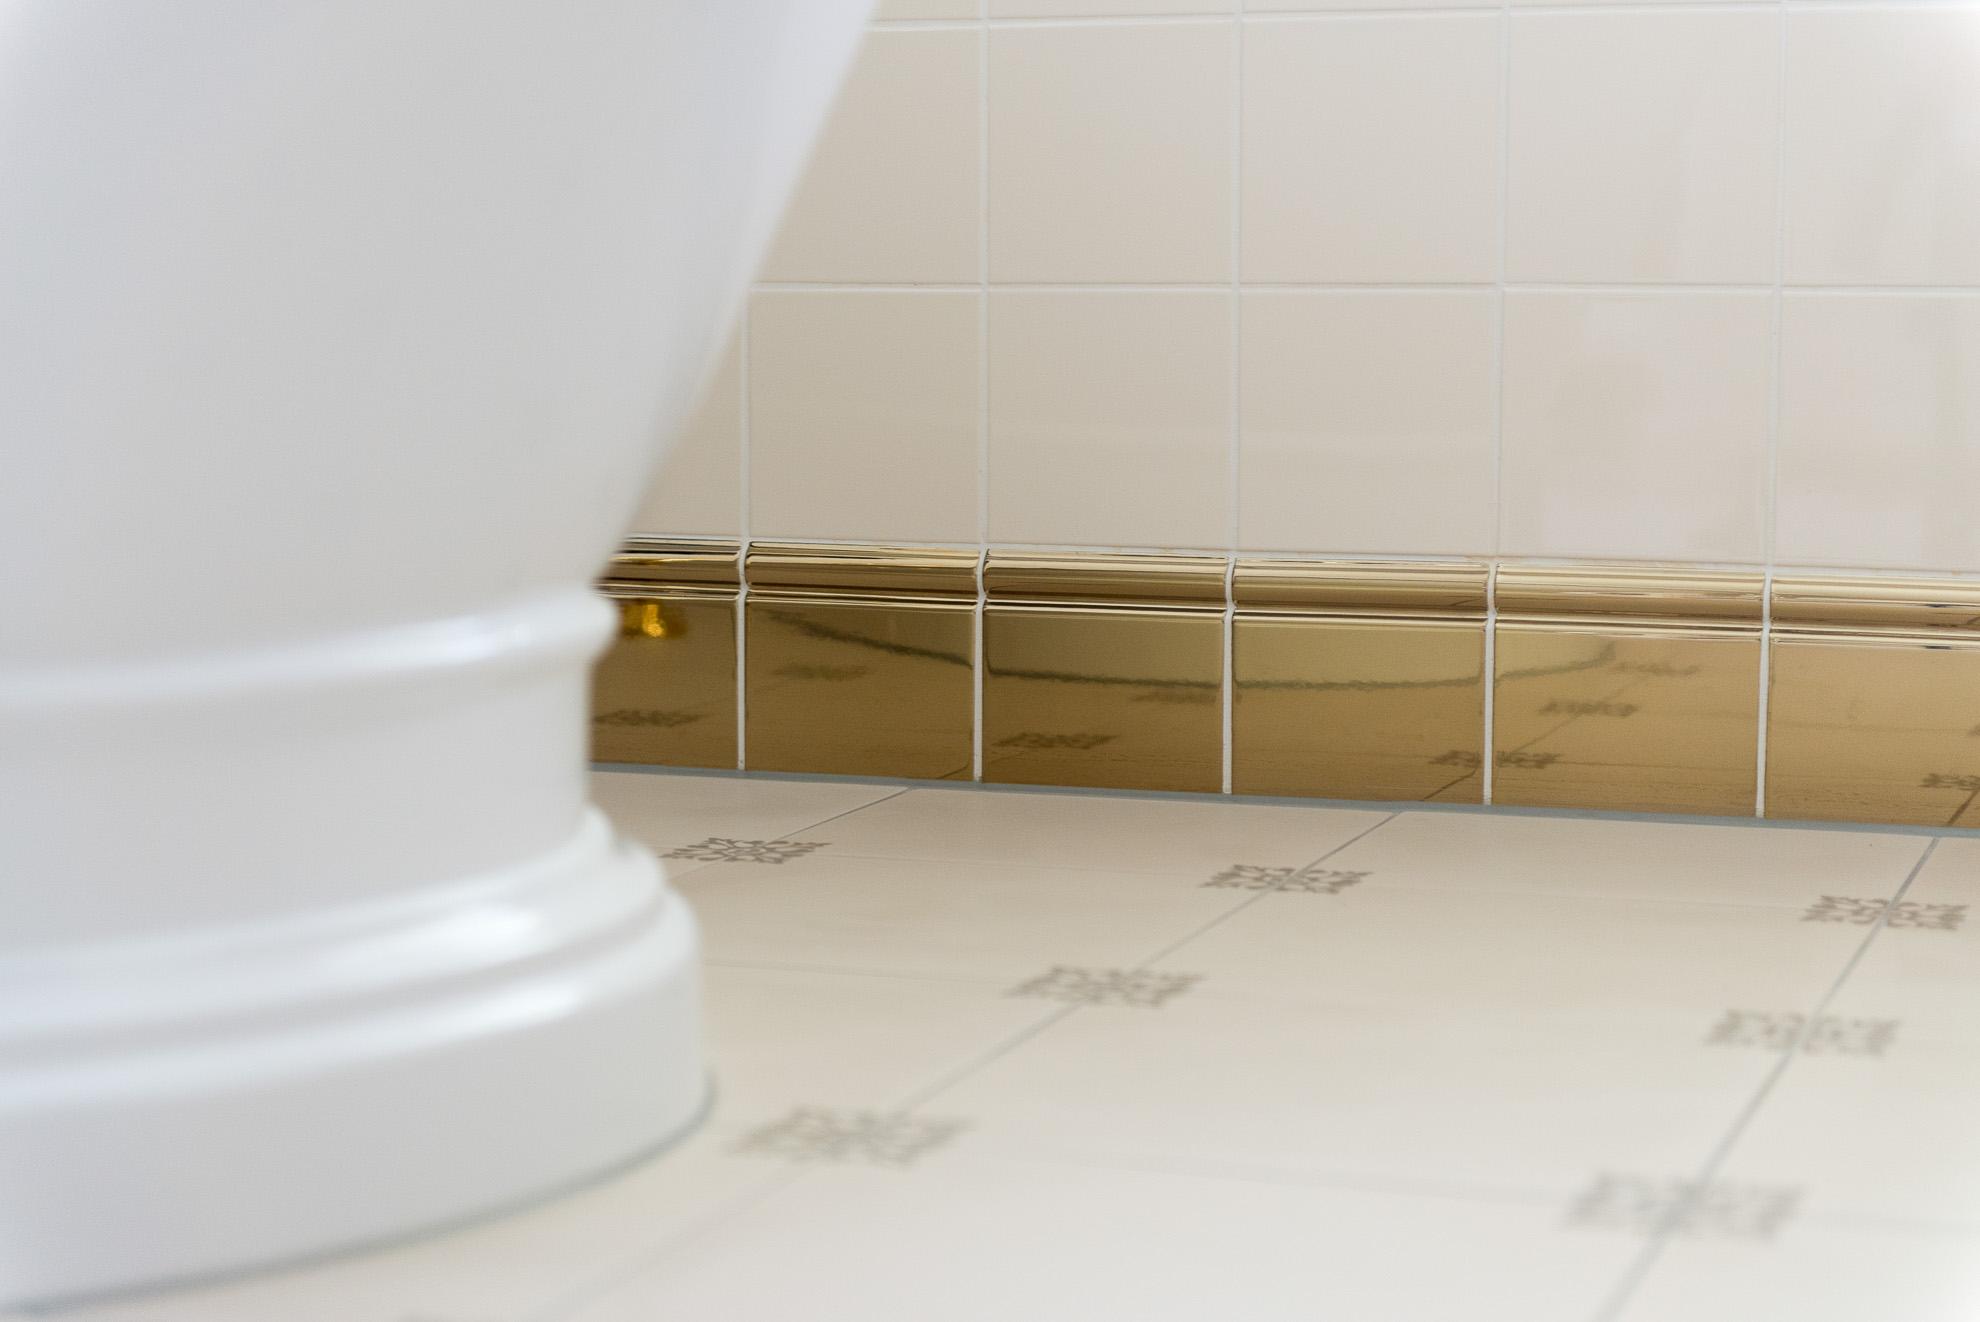 Wandtegels Badkamer Beige : Badkamer met een gouden randje ouwendorp tegels